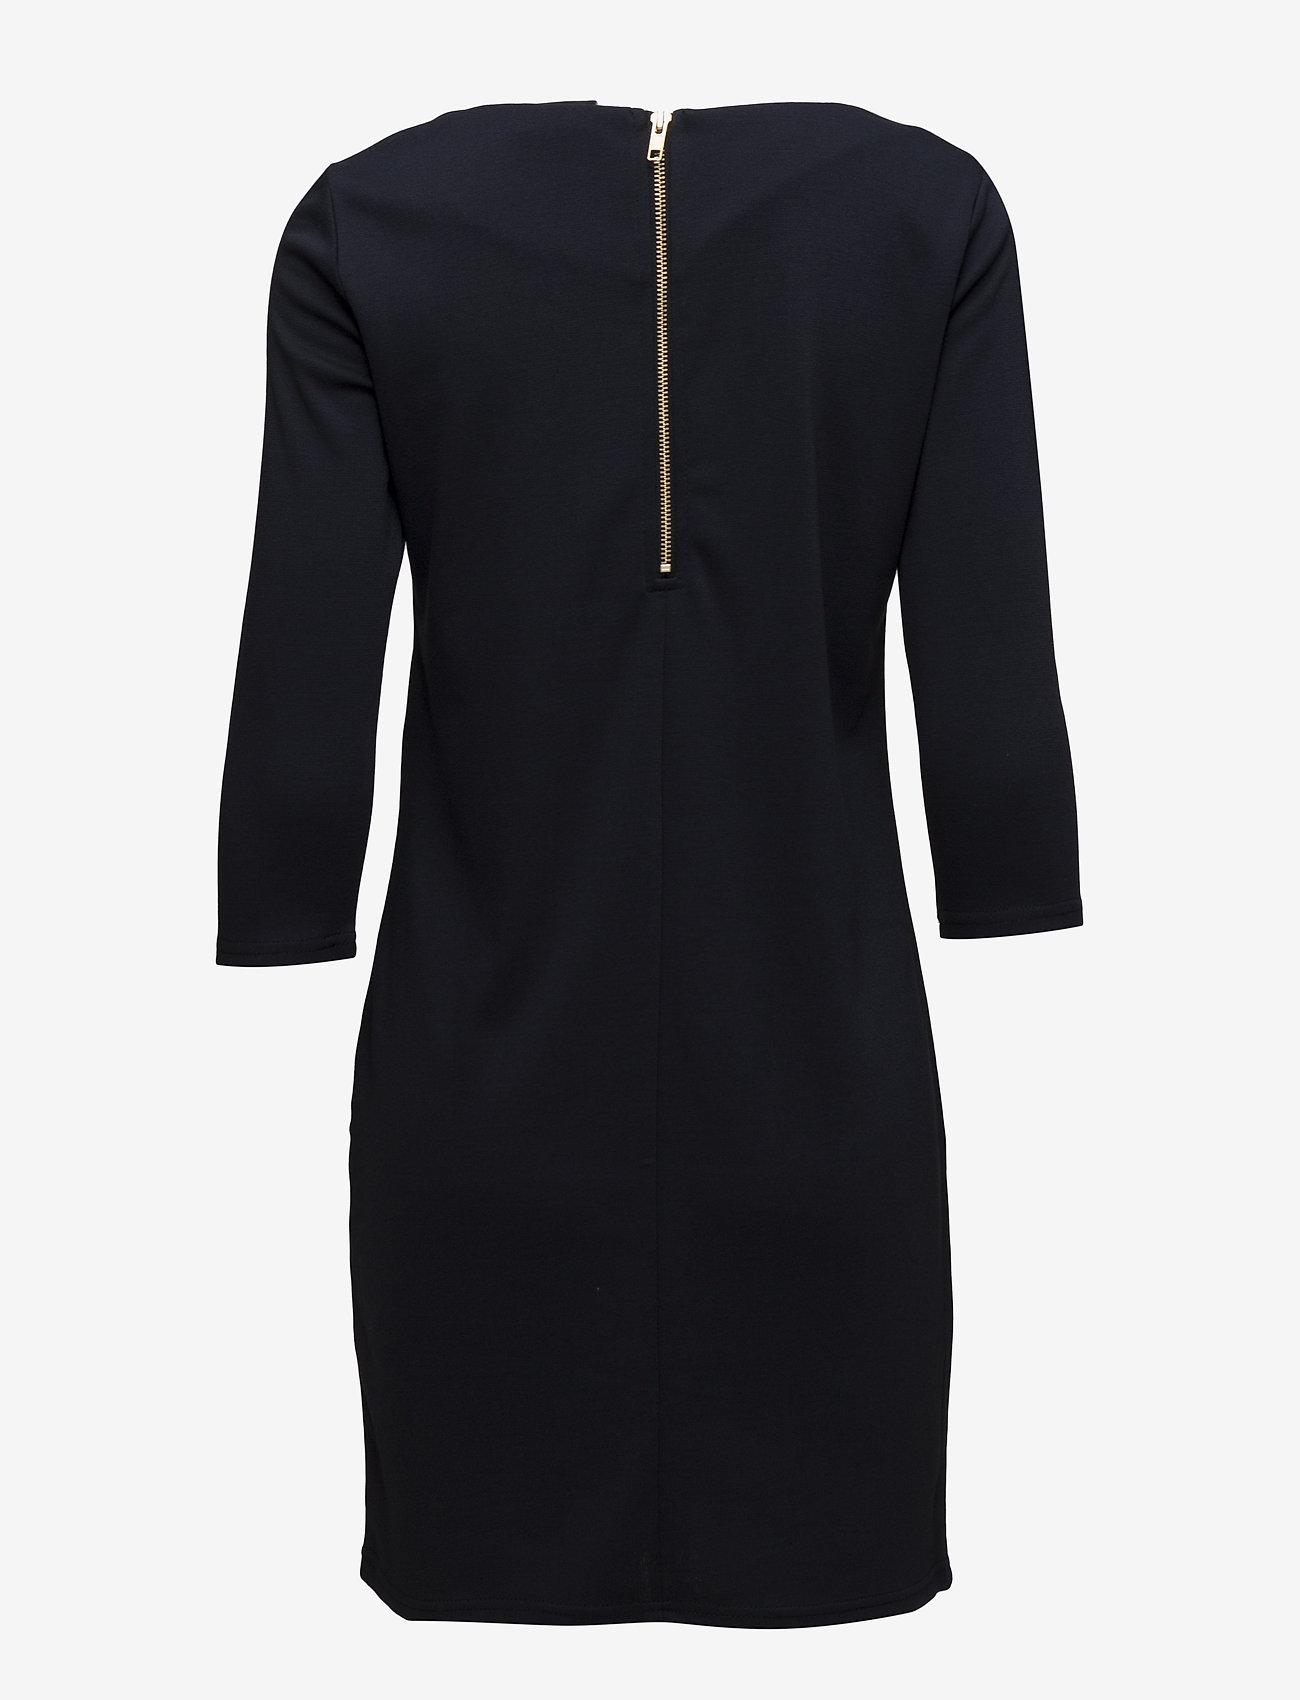 Vila - VITINNY NEW DRESS-NOOS - short dresses - total eclipse - 1